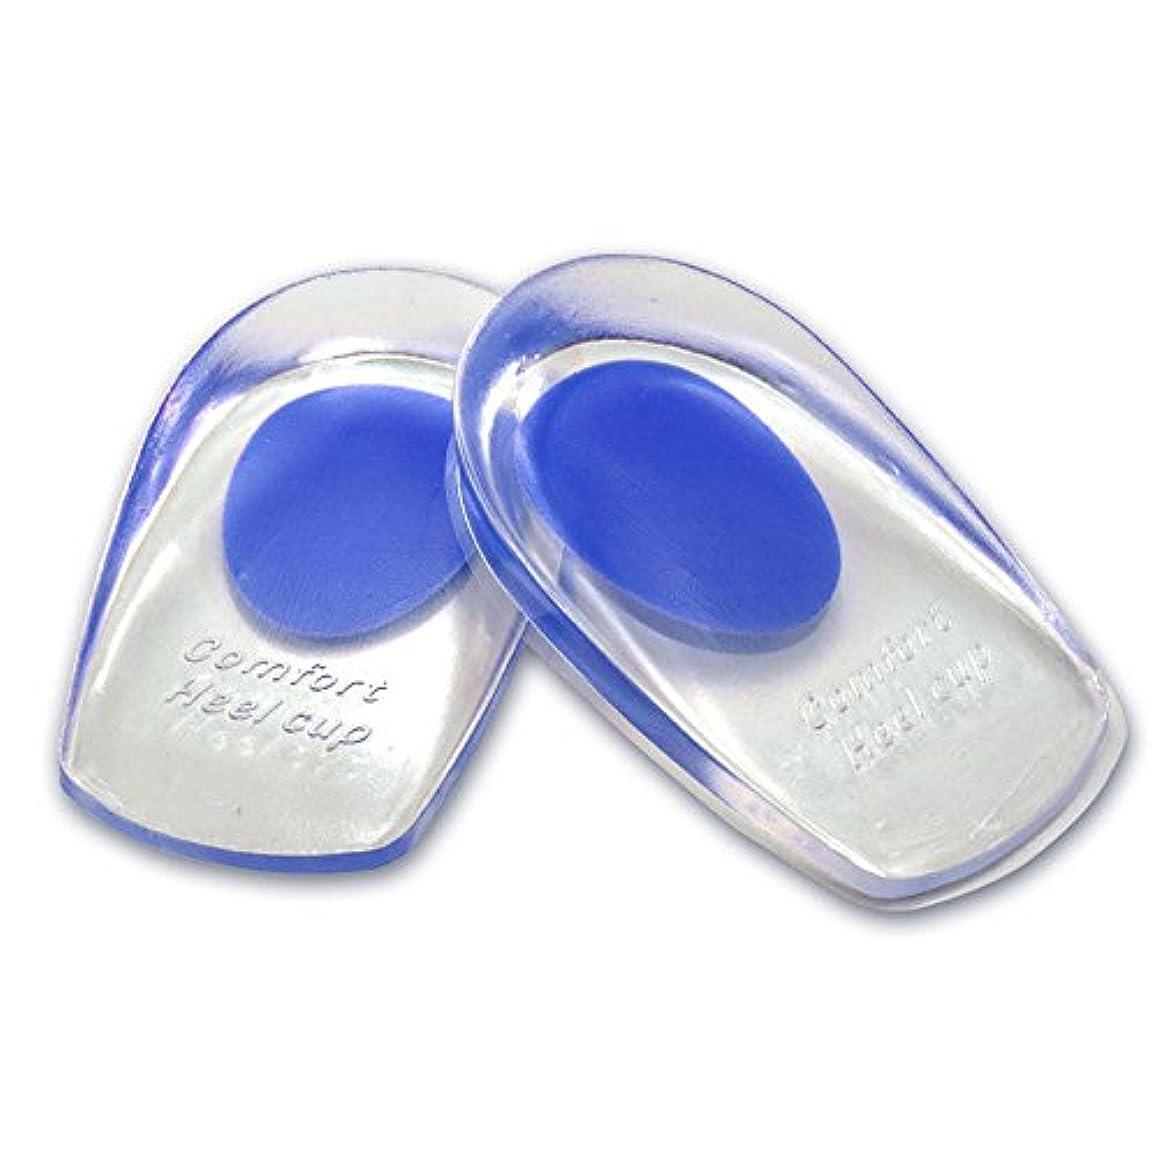 無実粒子乏しいシリコンヒールカップ かかとの痛み防止に ソフトシリコン製 インソールクッション 衝撃緩和 立体形状 フィット感抜群 FMTMXCA2S (ブルー(靴サイズ24.5~27.5cm用))